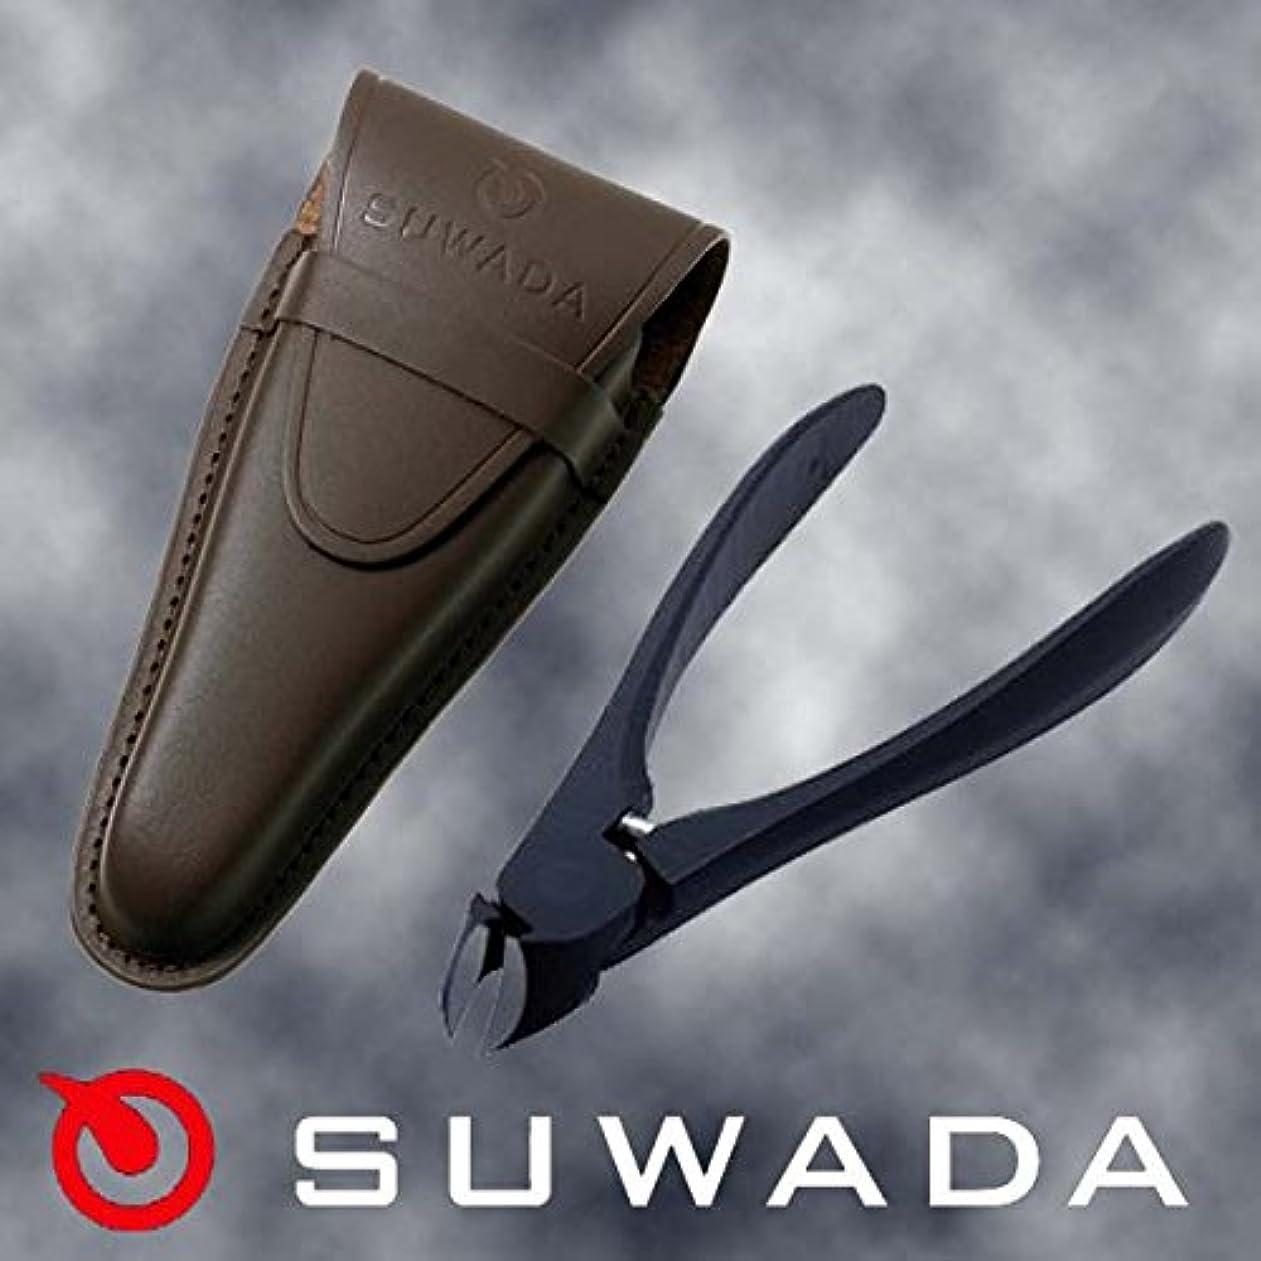 許される次へパックSUWADA爪切りブラックL&ブラウン革ケースセット 諏訪田製作所 スワダの爪切り